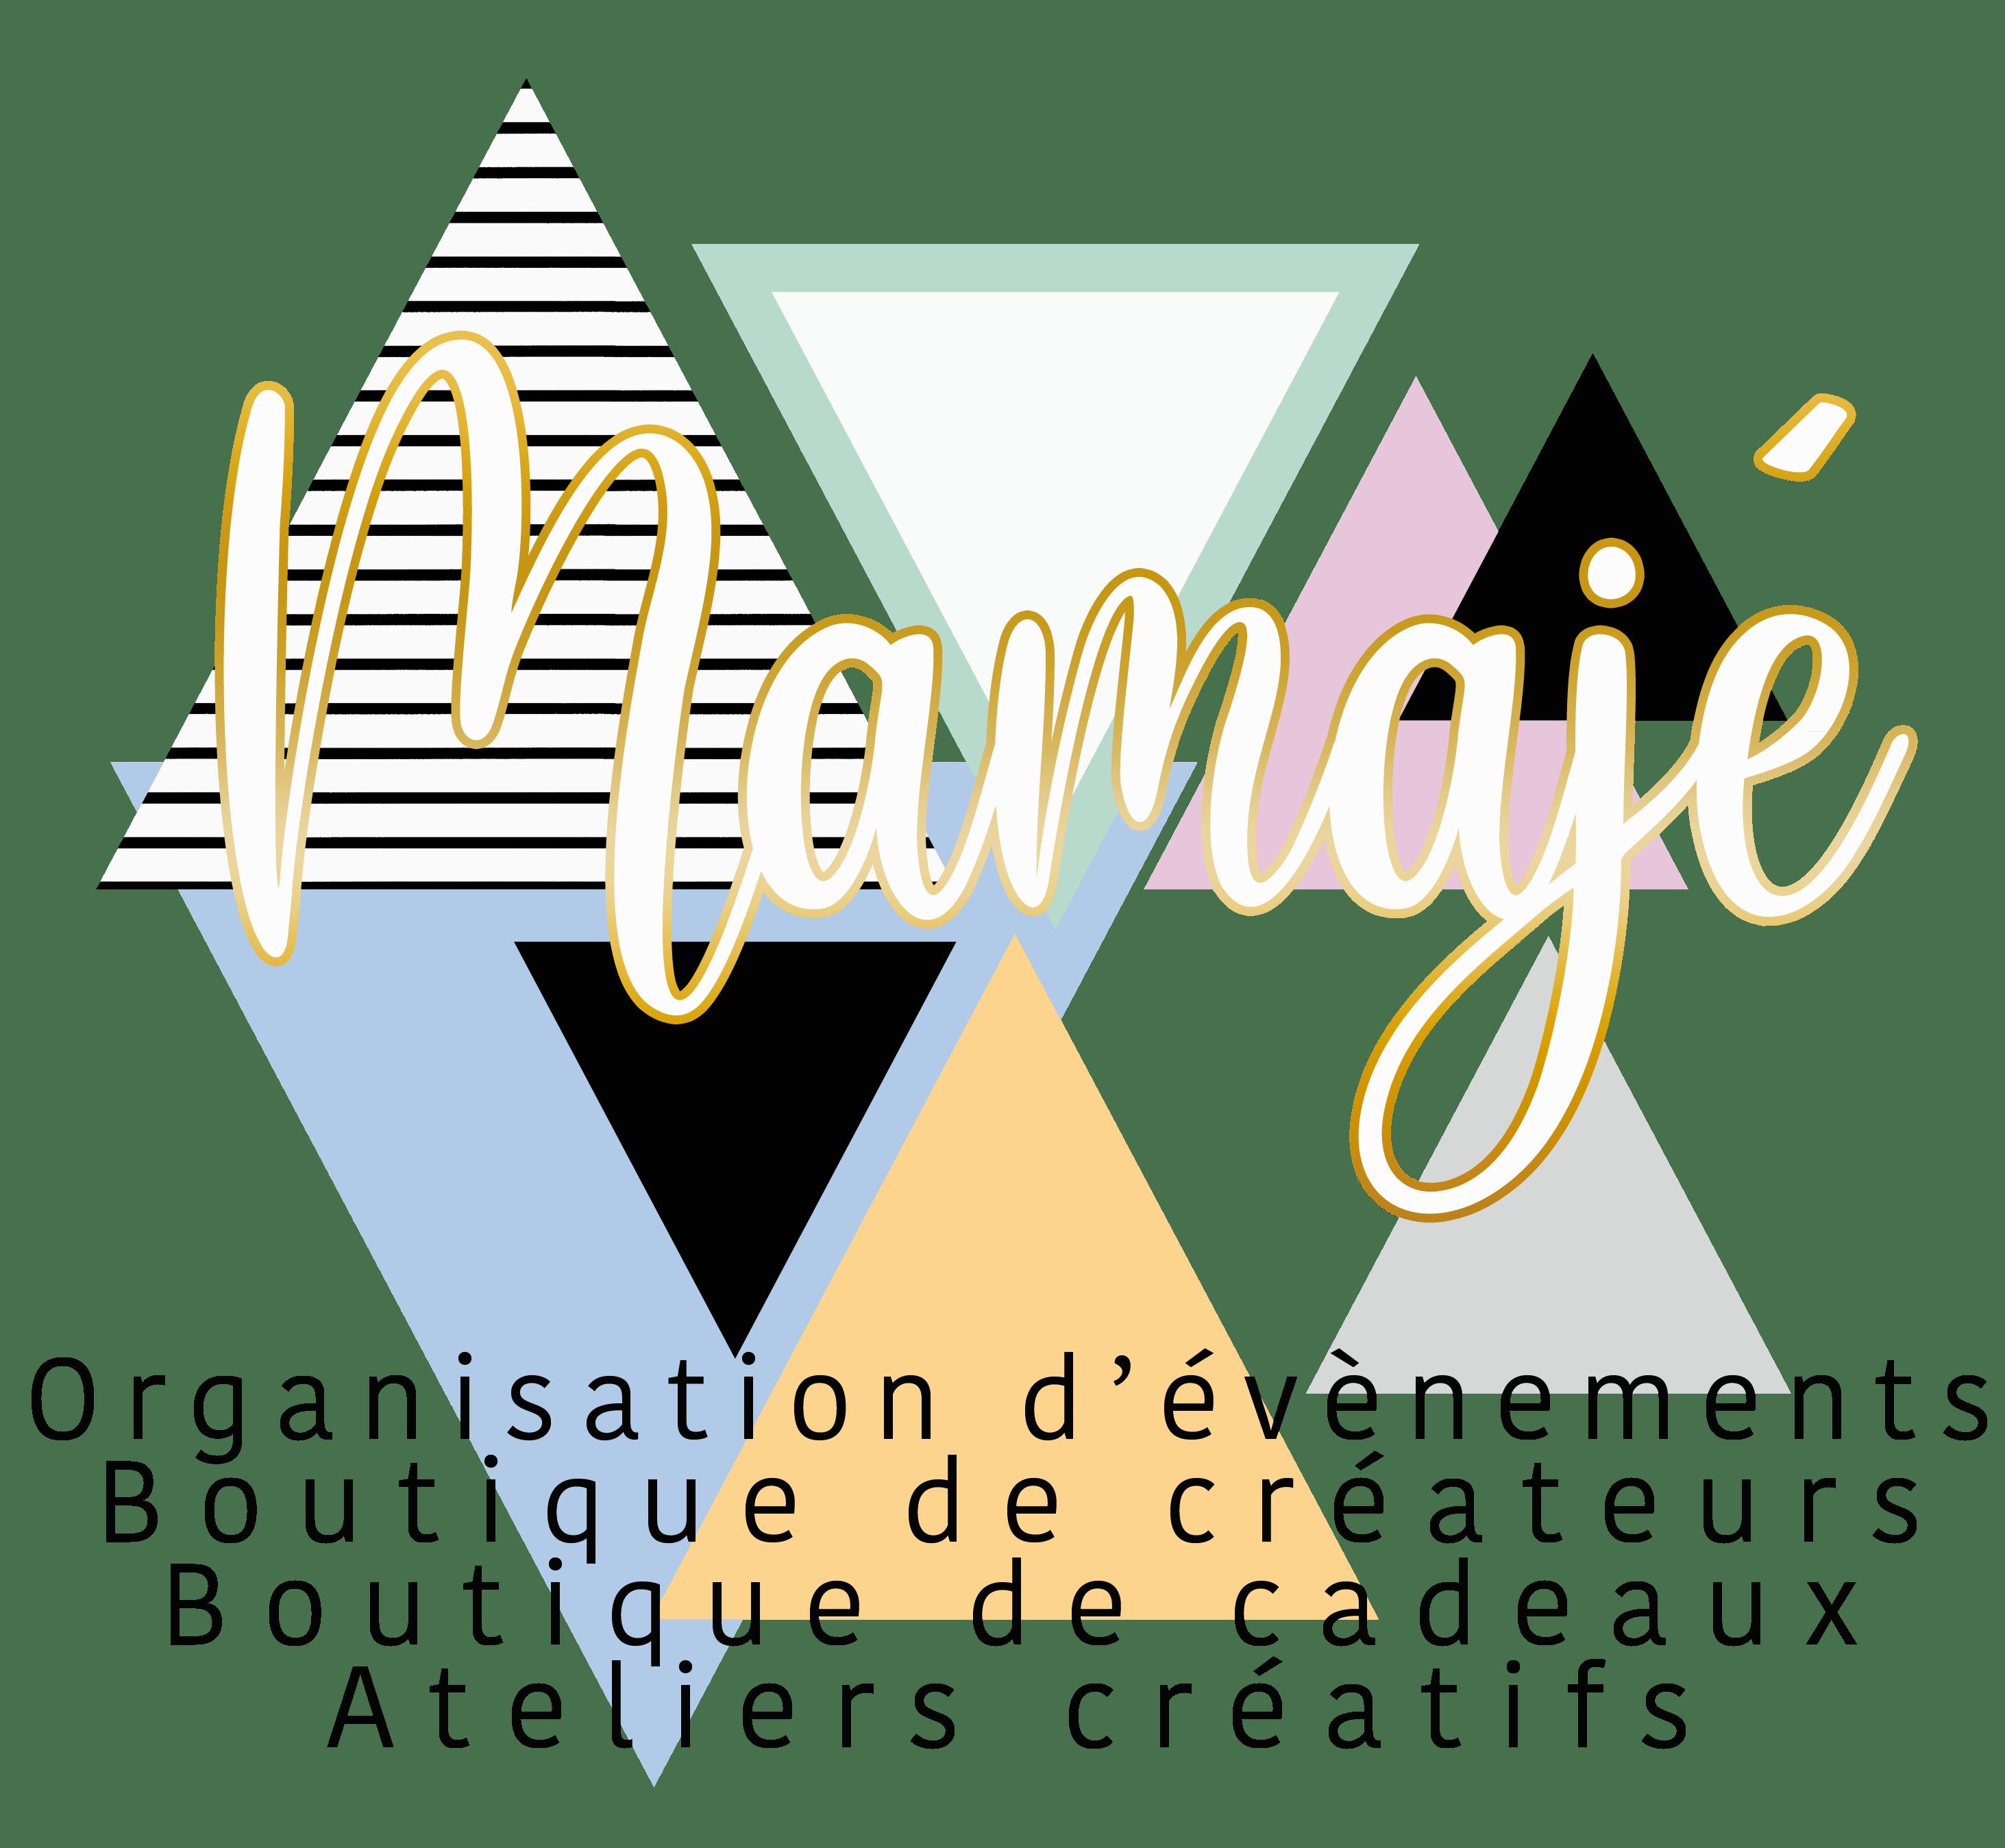 Boutique Mamajé